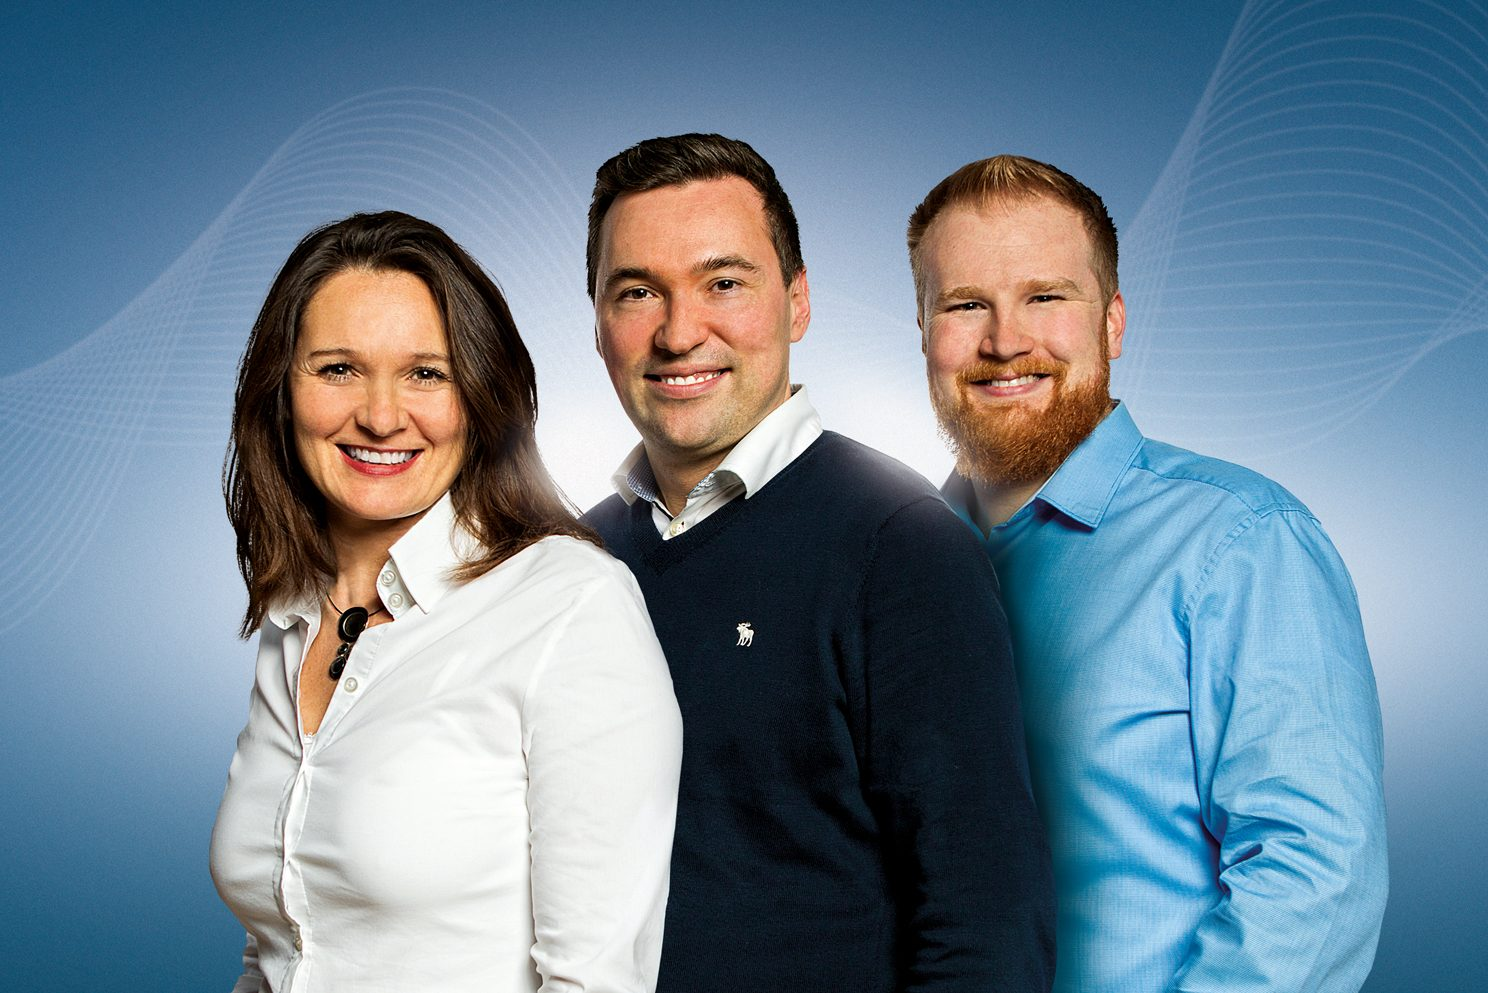 Team Öchsner, Klee und Schmidt